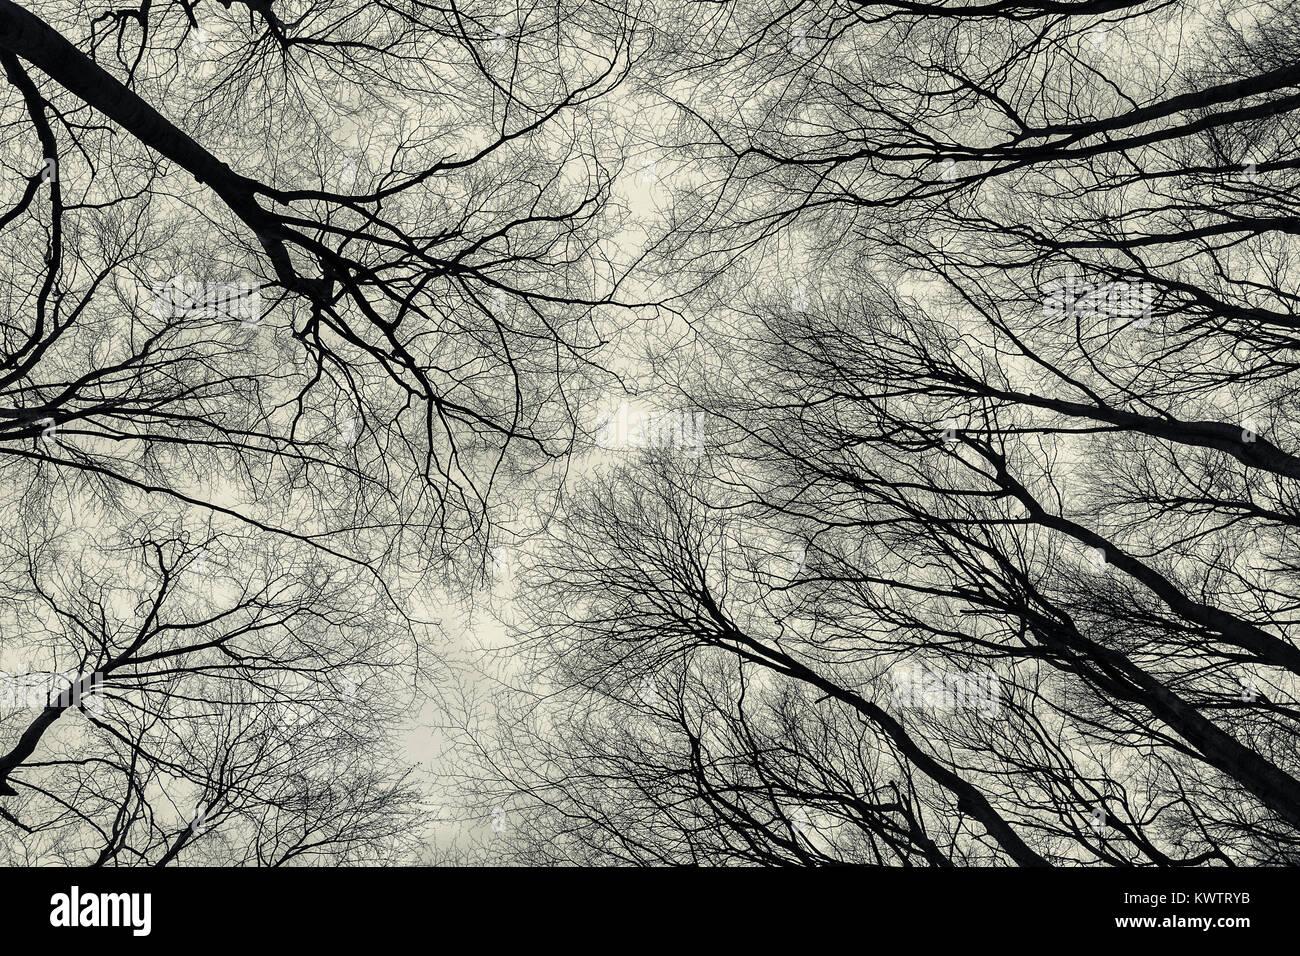 Vista inferior de los árboles en el bosque de finales de otoño. Resumen Antecedentes La atmósfera melancólica. Foto de stock